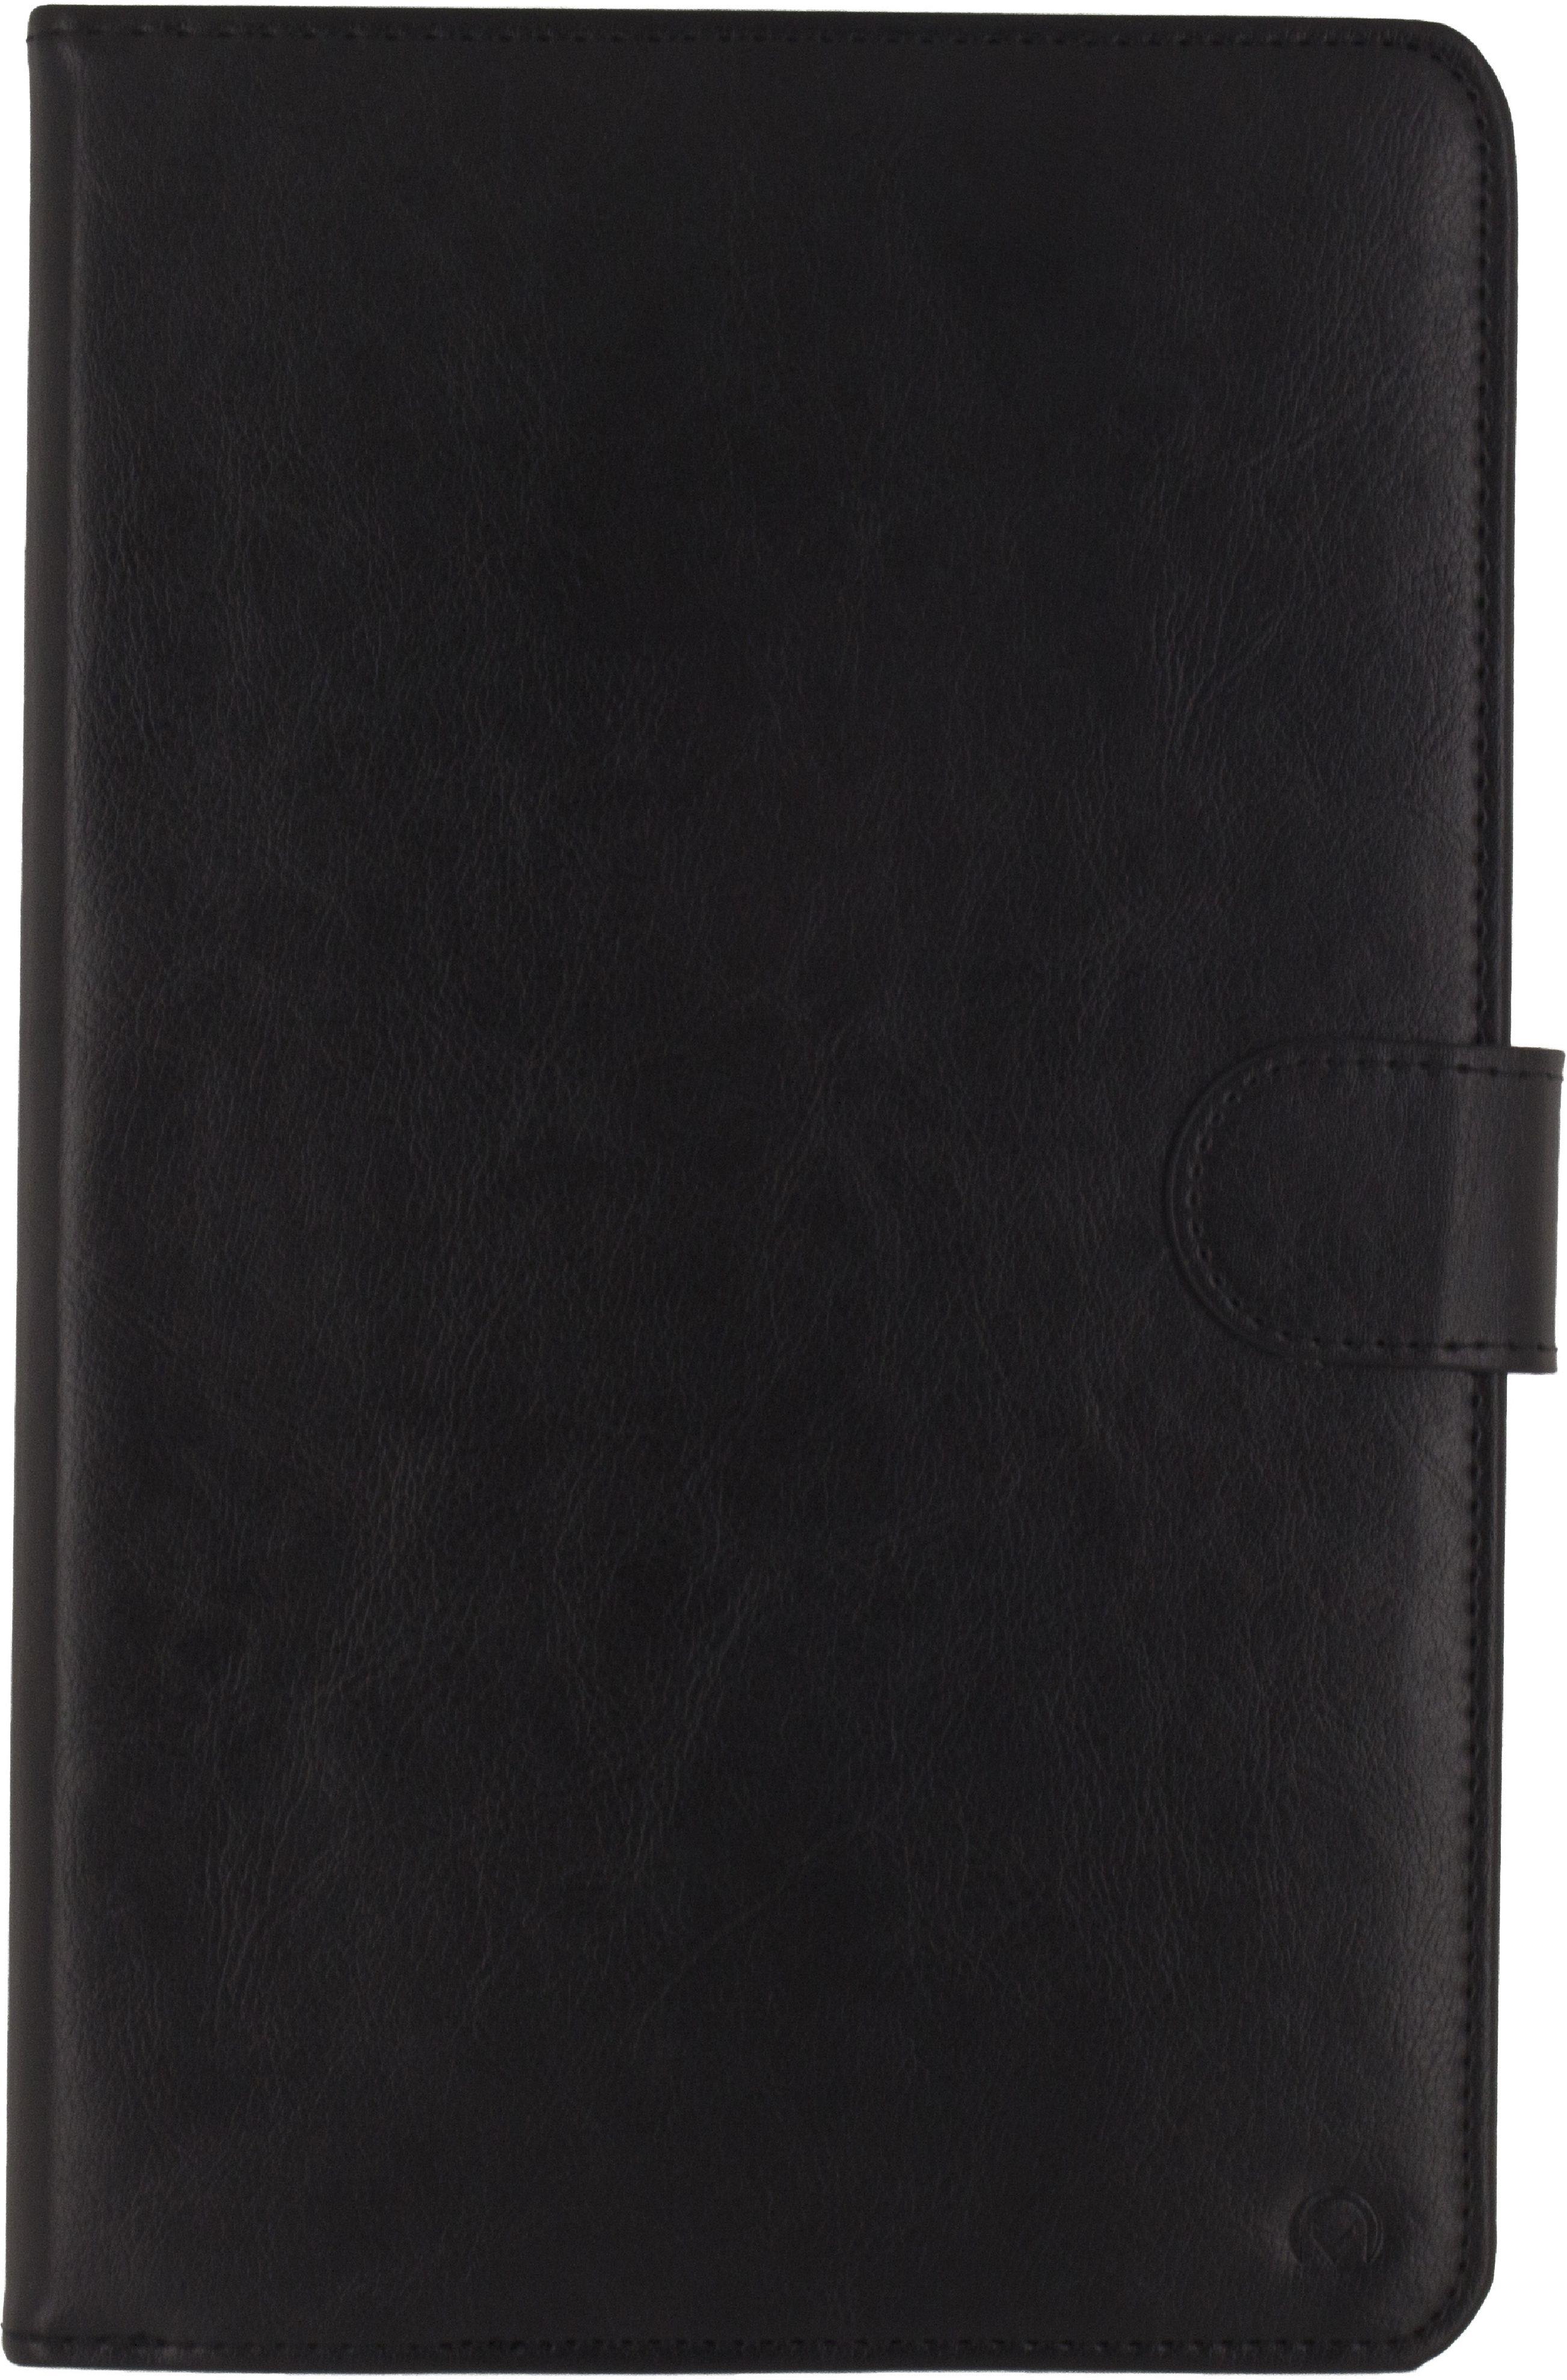 Tablet Bluetooth Keyboard Case Samsung Galaxy Tab A 10.1